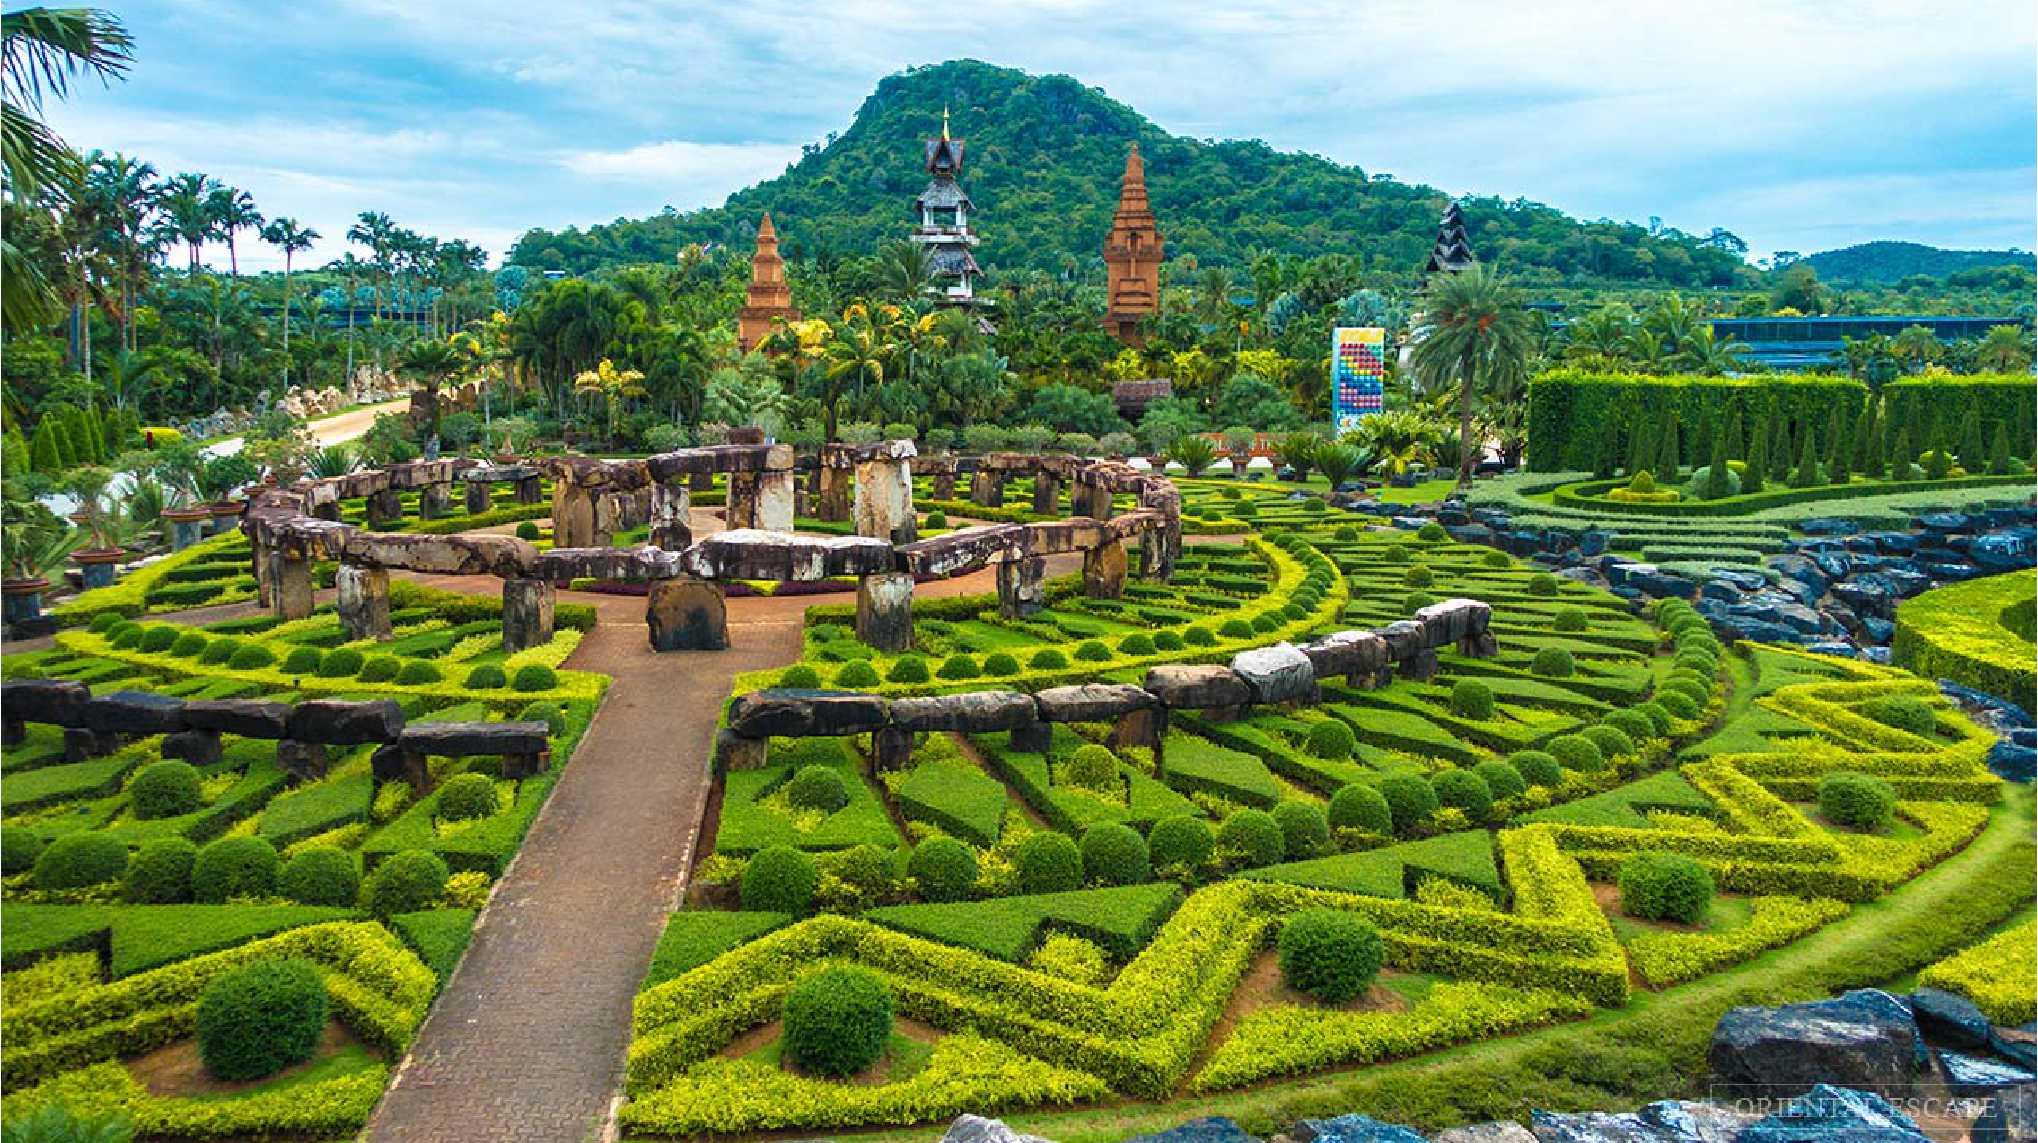 11Nong Nooch Tropical Botanical Garden03